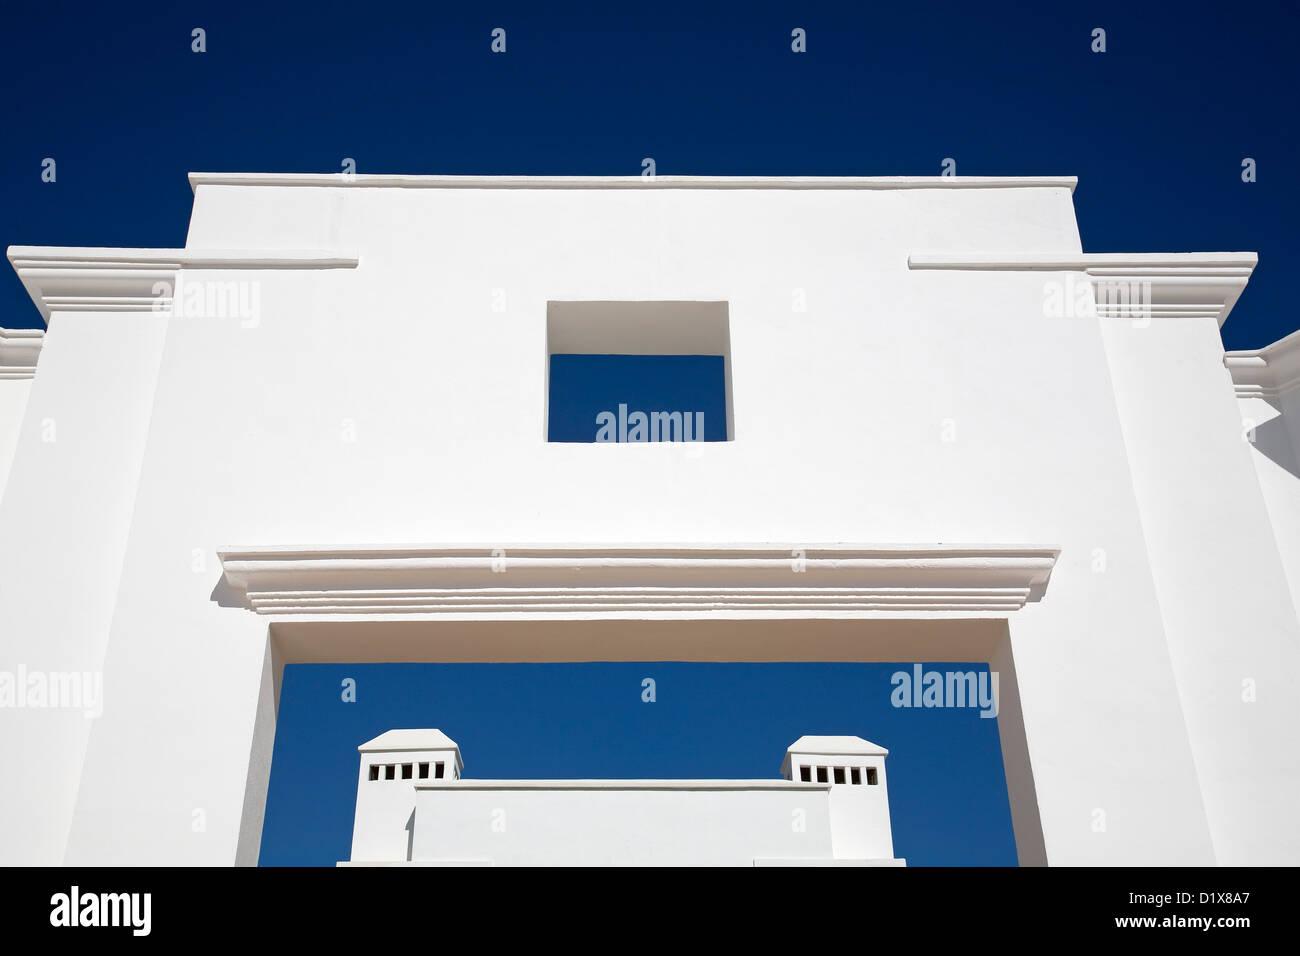 Architektur blauer Himmel mit weißen Wänden Malaga Andalusien Spanien Stockbild